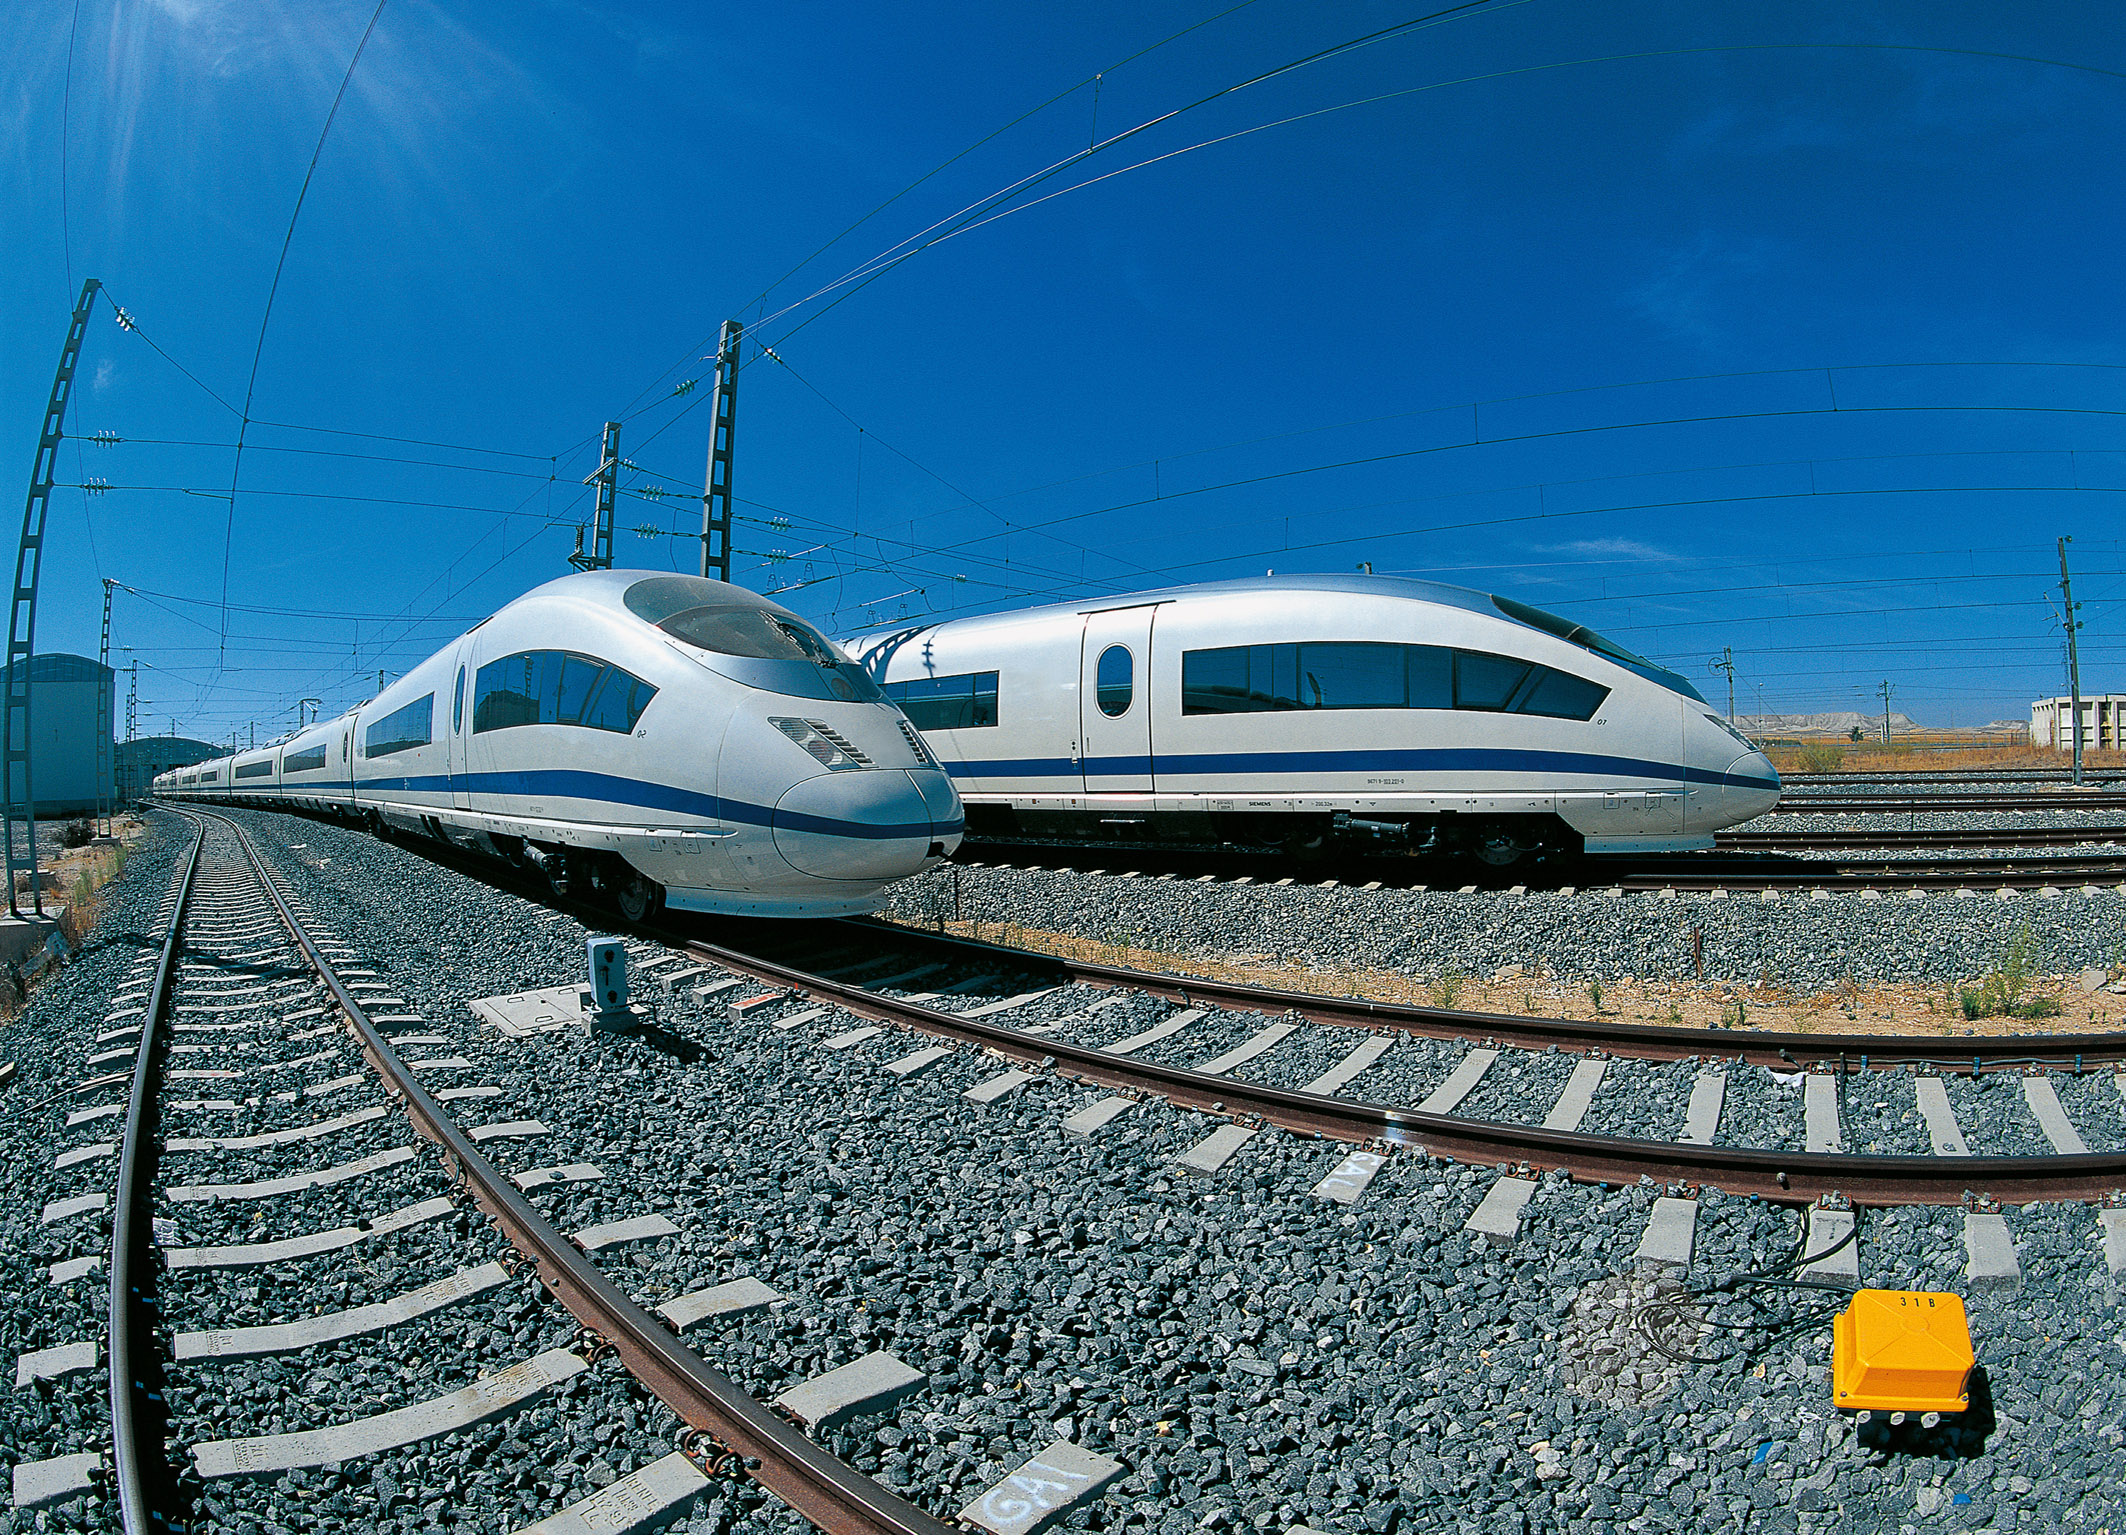 Thailand, Laos mull high-speed train link